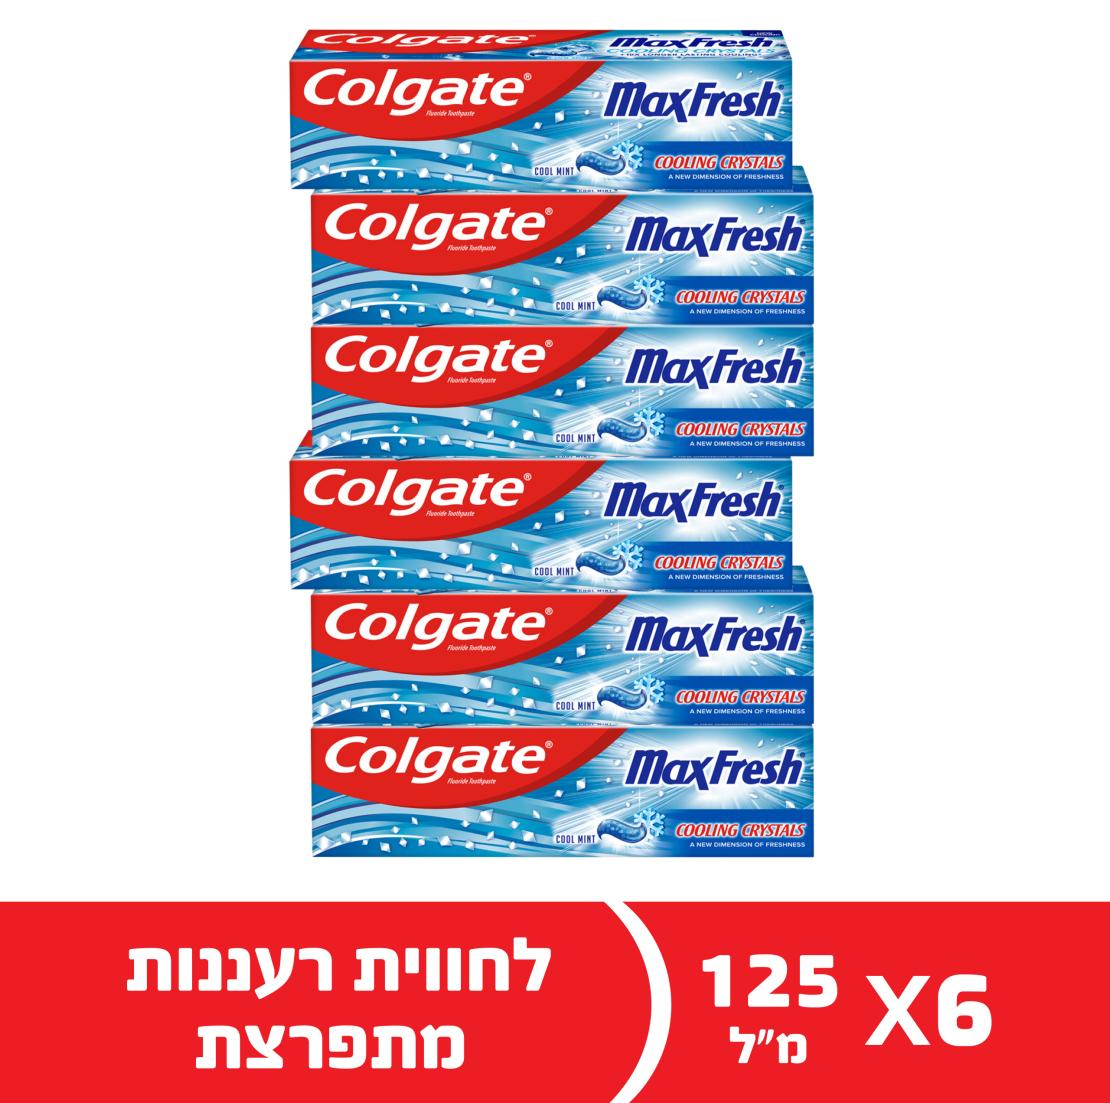 קולגייט מקס פרש מארז משחות שיניים - 6 יחידות